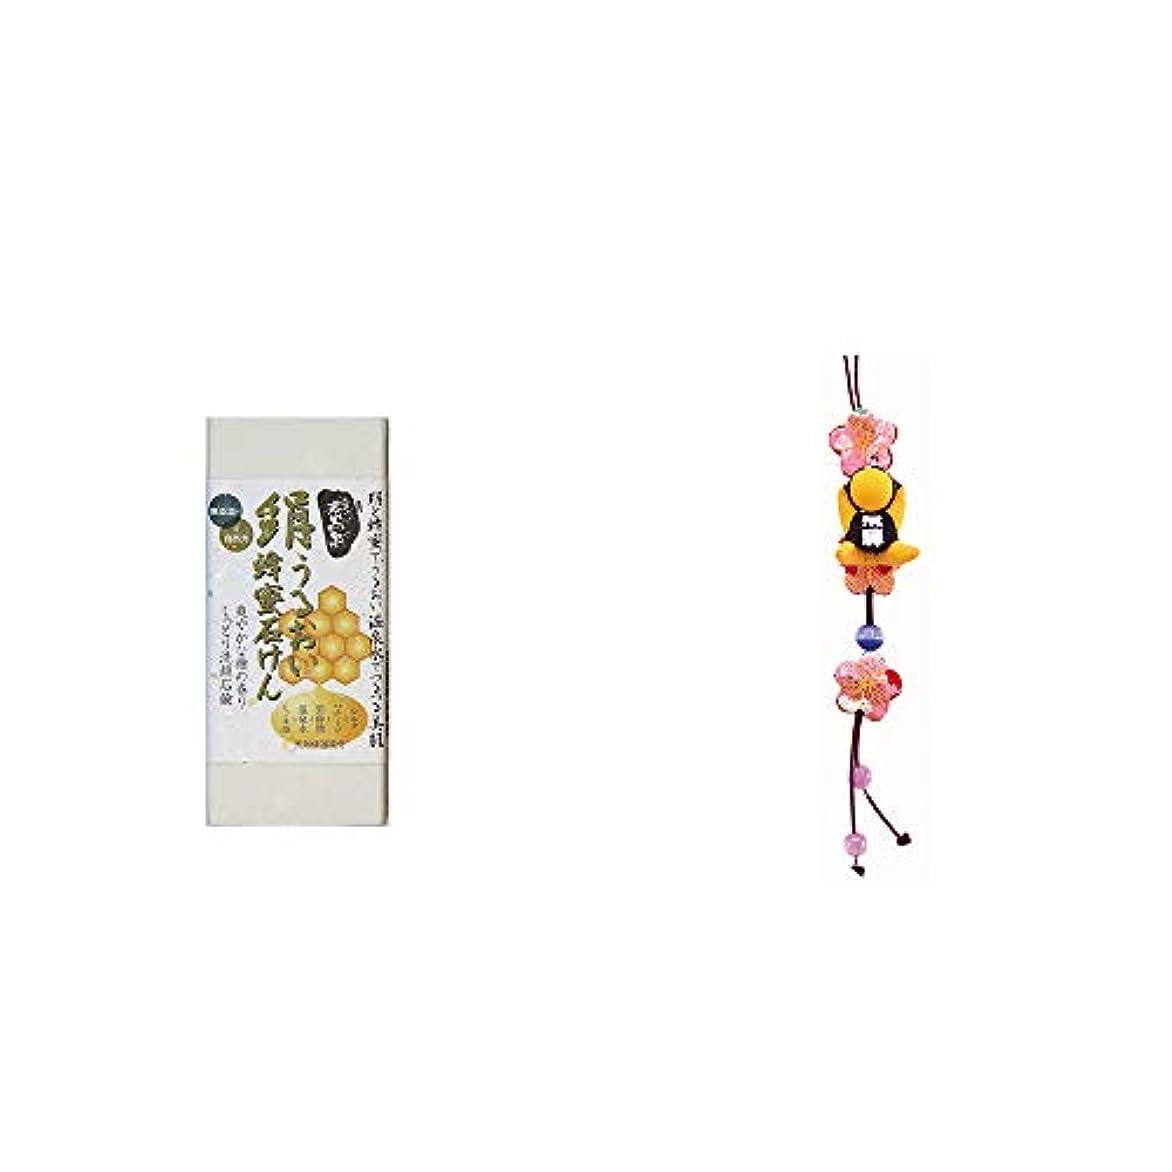 ヘロイン不足拍車[2点セット] ひのき炭黒泉 絹うるおい蜂蜜石けん(75g×2)?豆さるぼぼ 和風ストラップ【黄】/ 縁結び?魔除け //